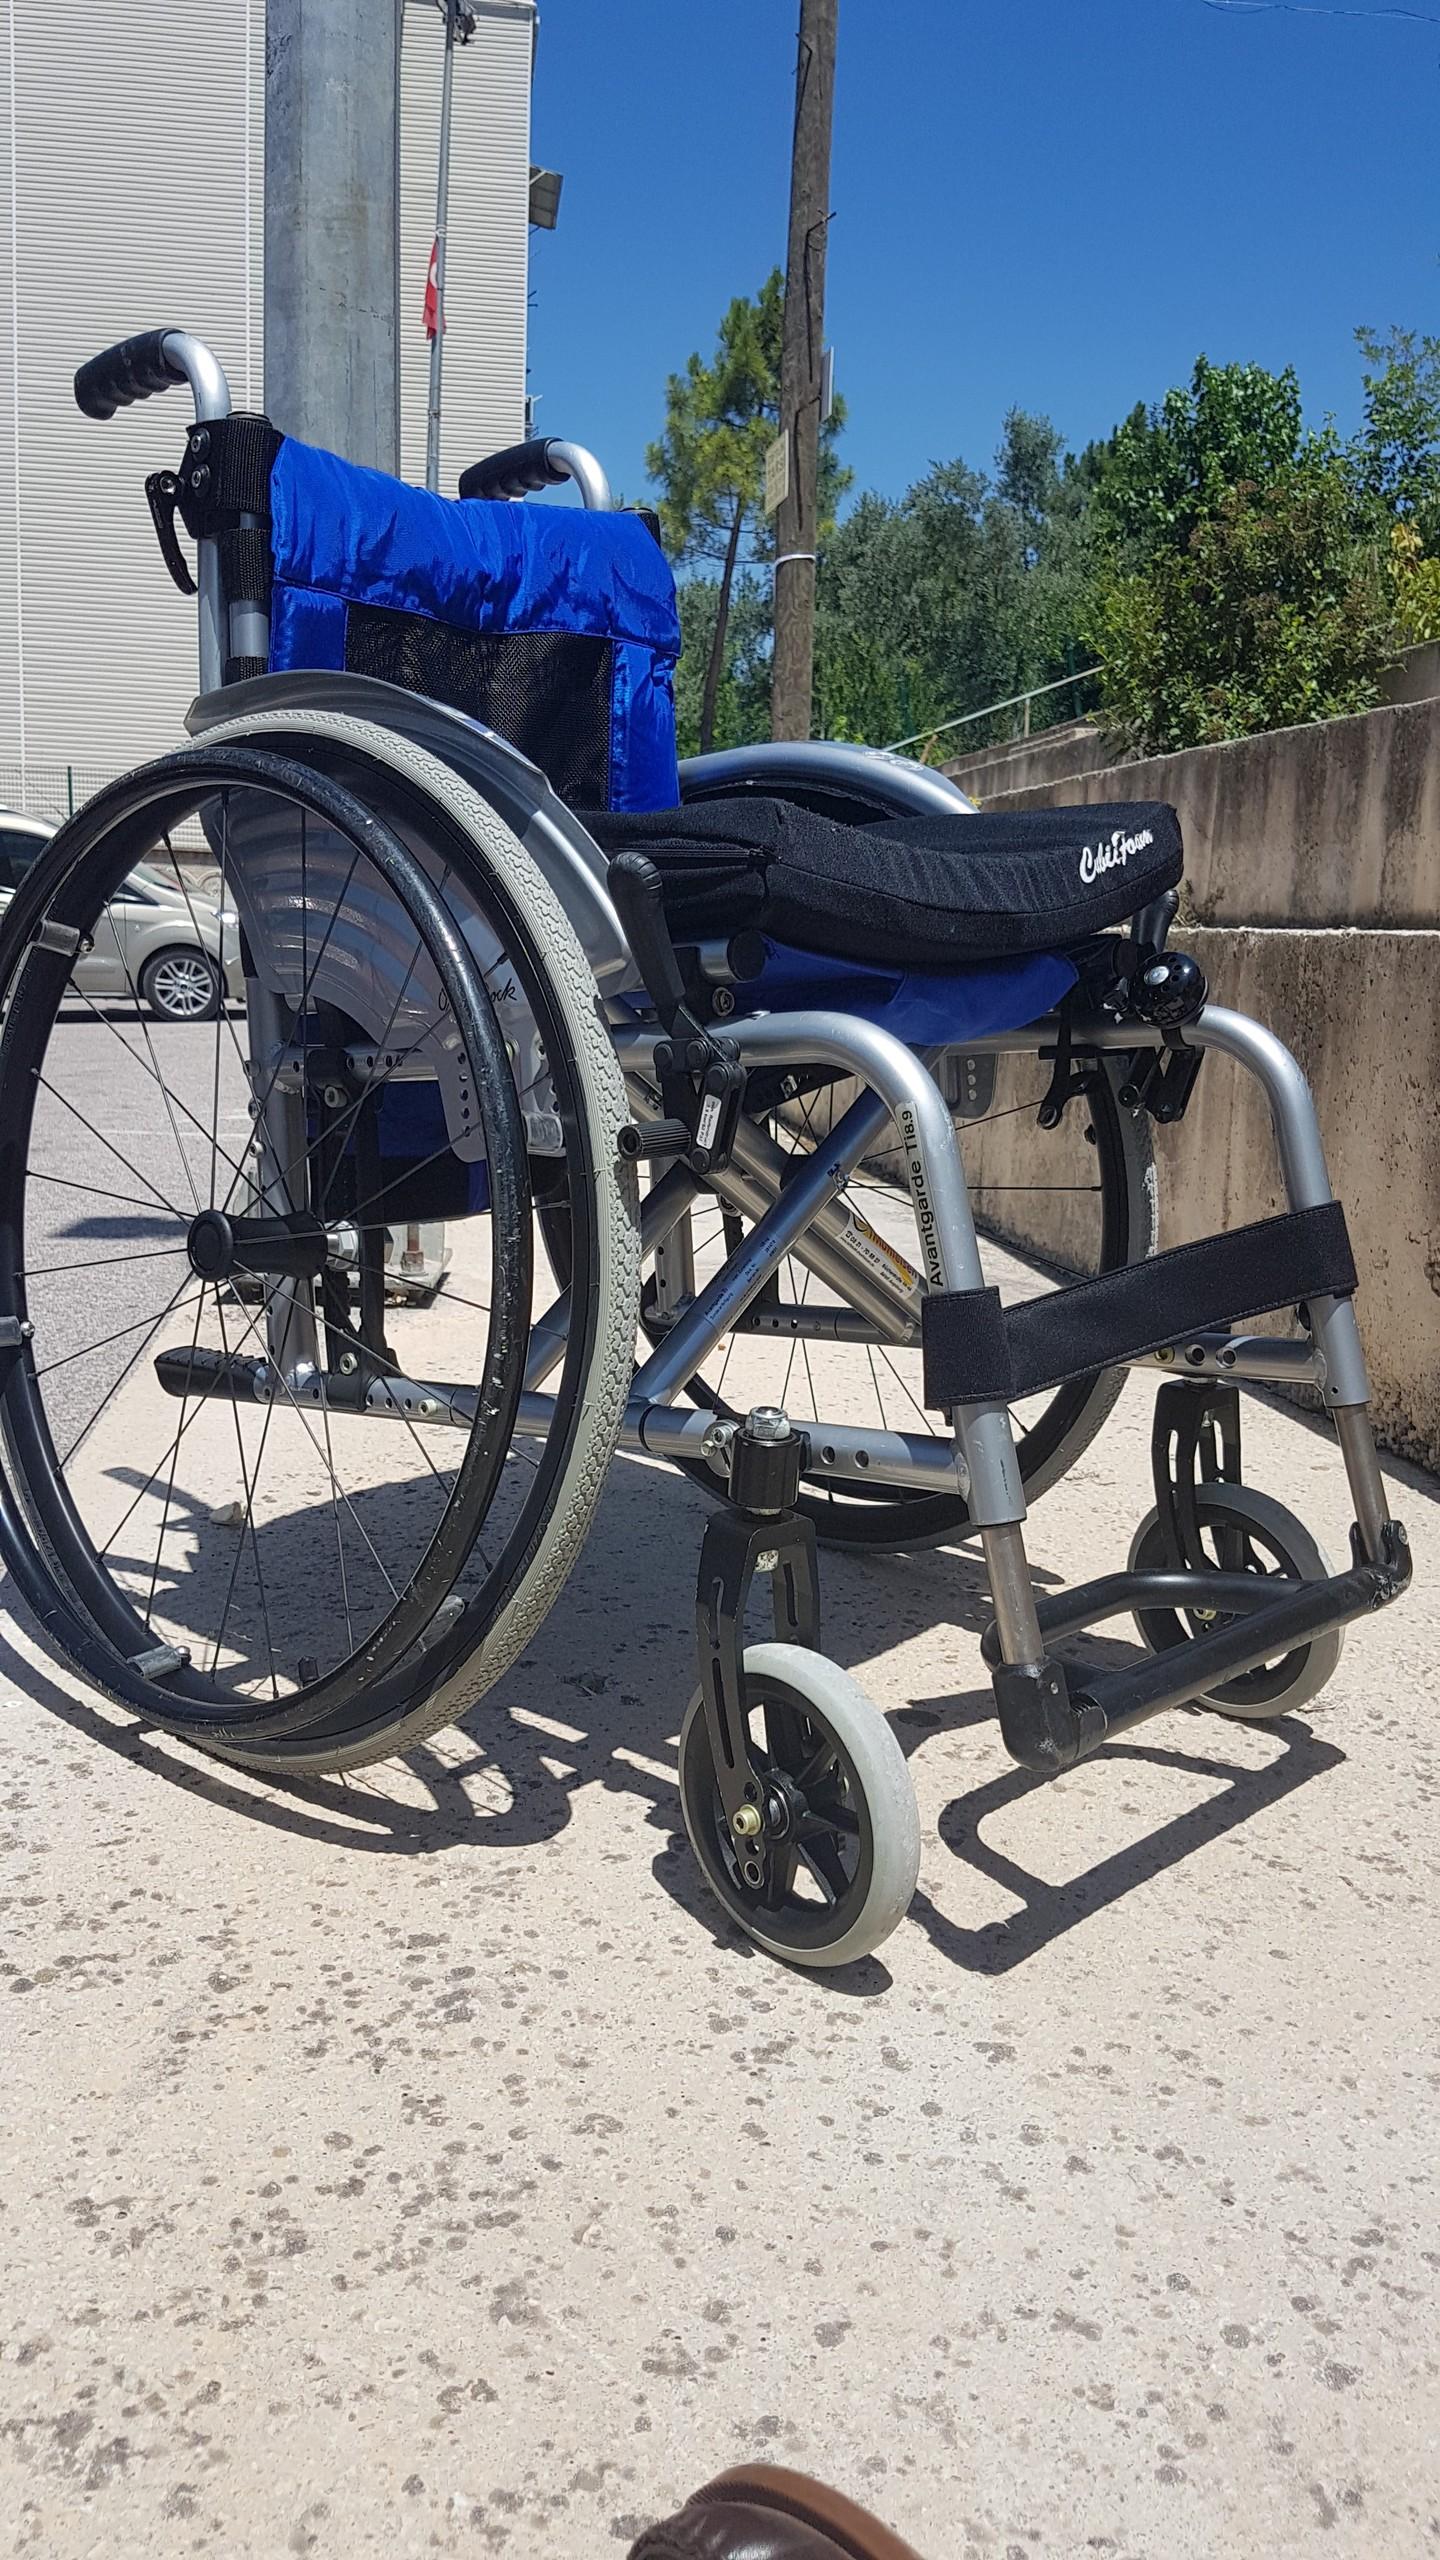 7BPrjm - Ottobock Avantgarde Ti 8.9 aktif tekerlekli sandalye satılıktır